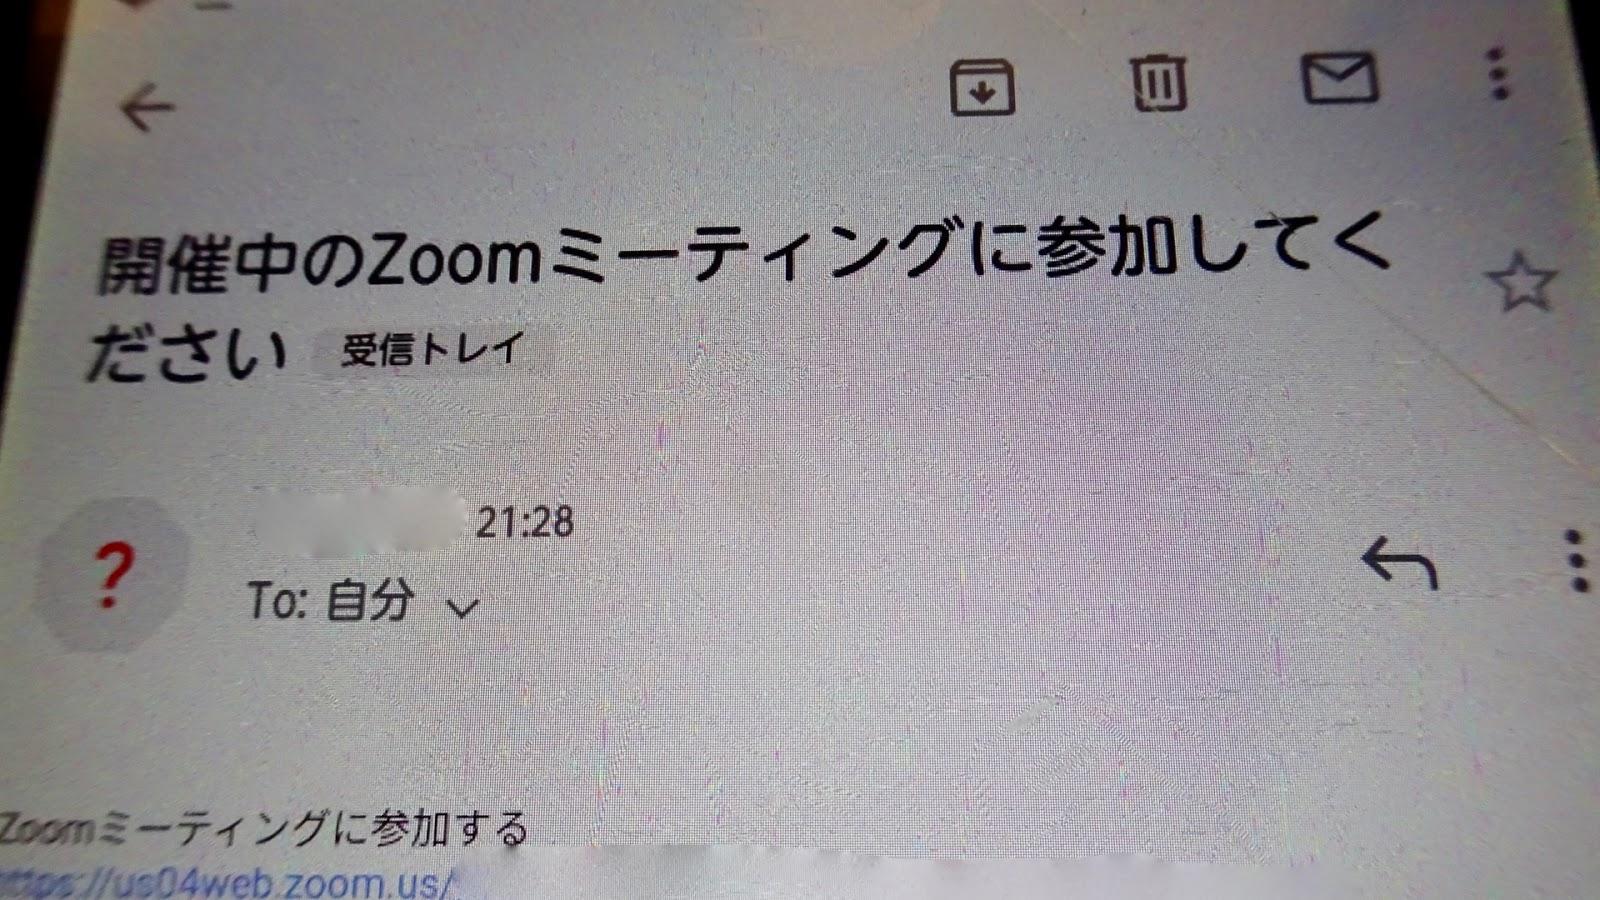 ミーティング 参加 方法 zoom